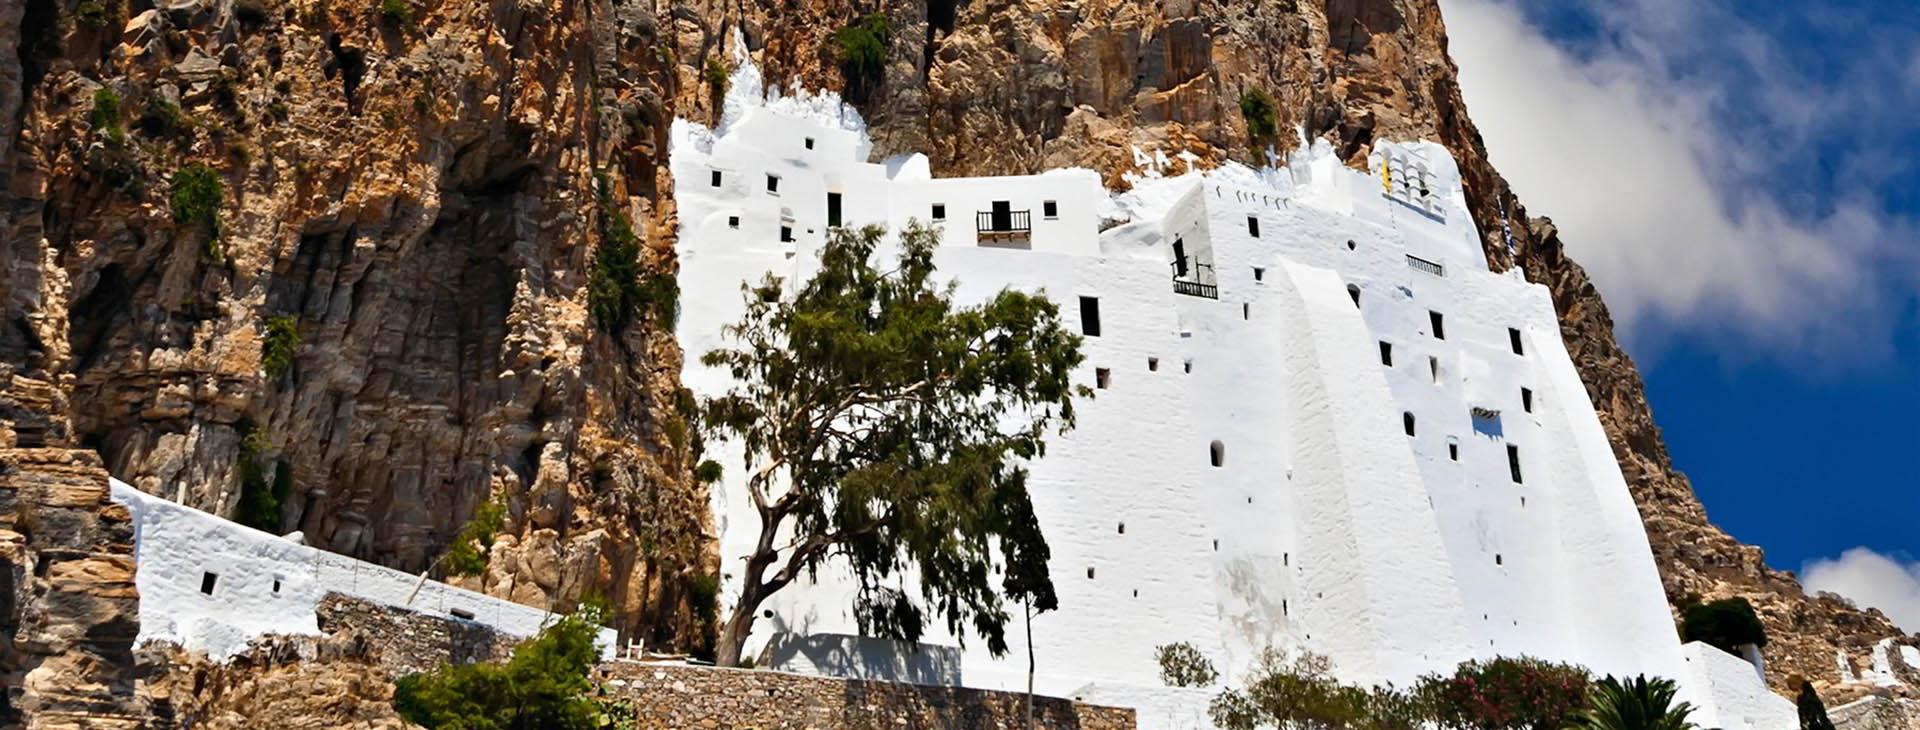 Monastery of Hozoviotissa, Amorgos island